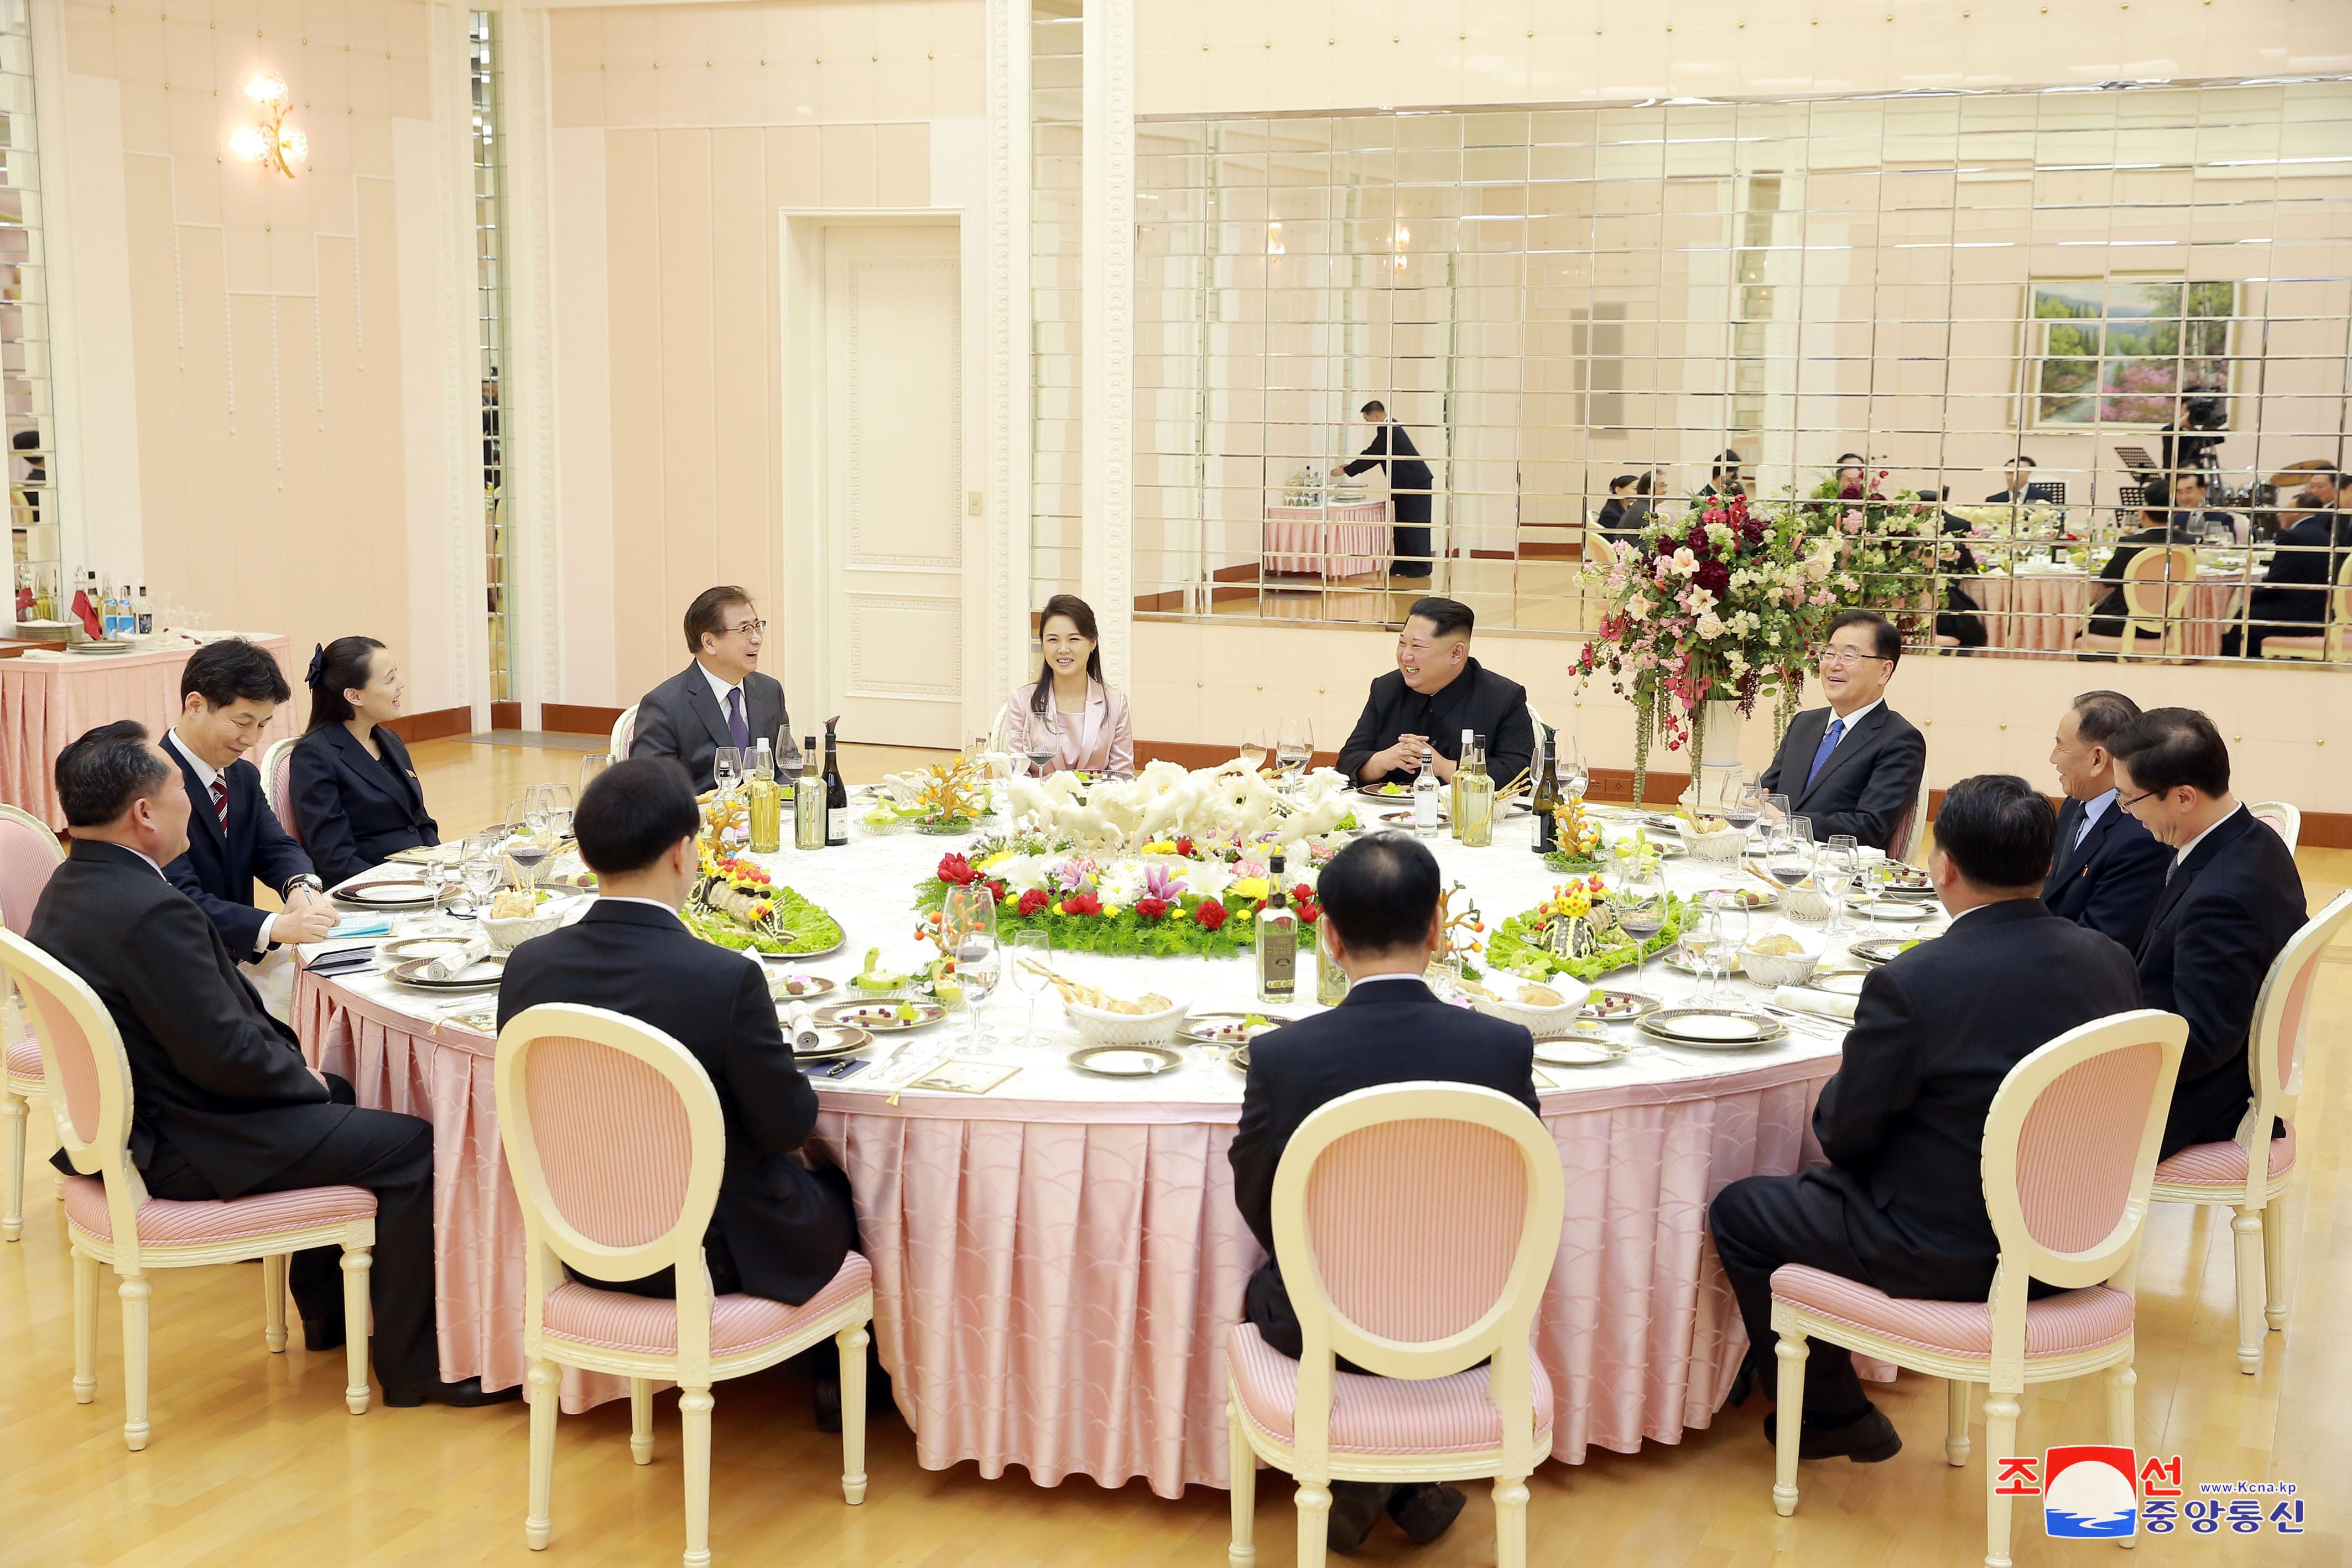 لقاء زعيم كوريا الشمالية مع وفد كوريا الجنوبية (2)